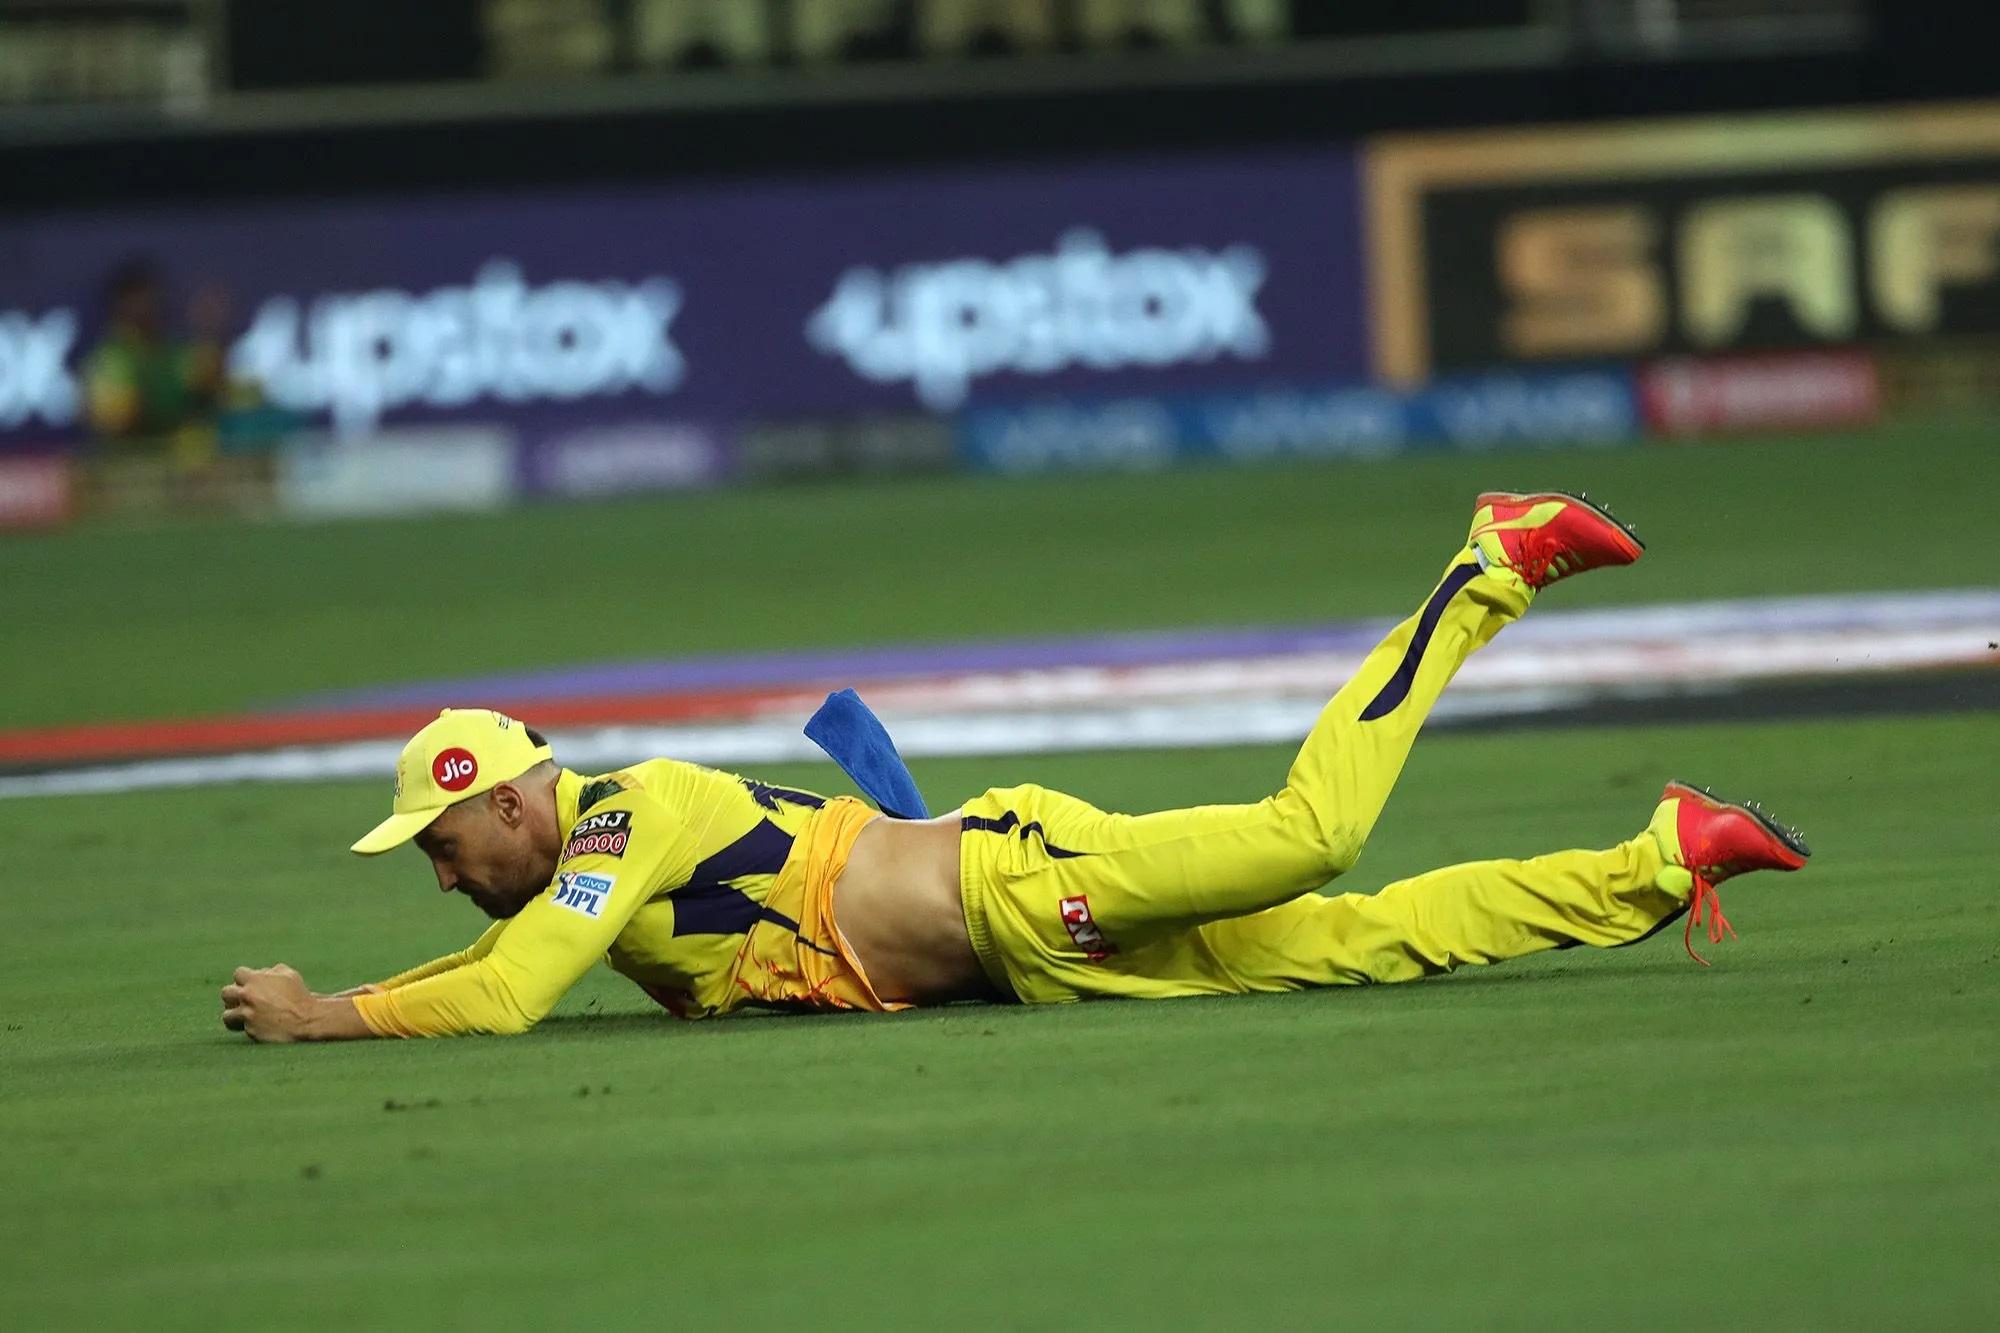 शार्दुल ठाकुर की गेंद पर सूर्य कुमार यादव ने शॉट लगाया। फाफ डूप्लेसी ने कूदकर कैच पकड़ लिया, लेकिन इस दौरान उनकी टी-शर्ट इतनी ऊपर खिसक गई कि वो टॉपलेस होते-होते बचे।